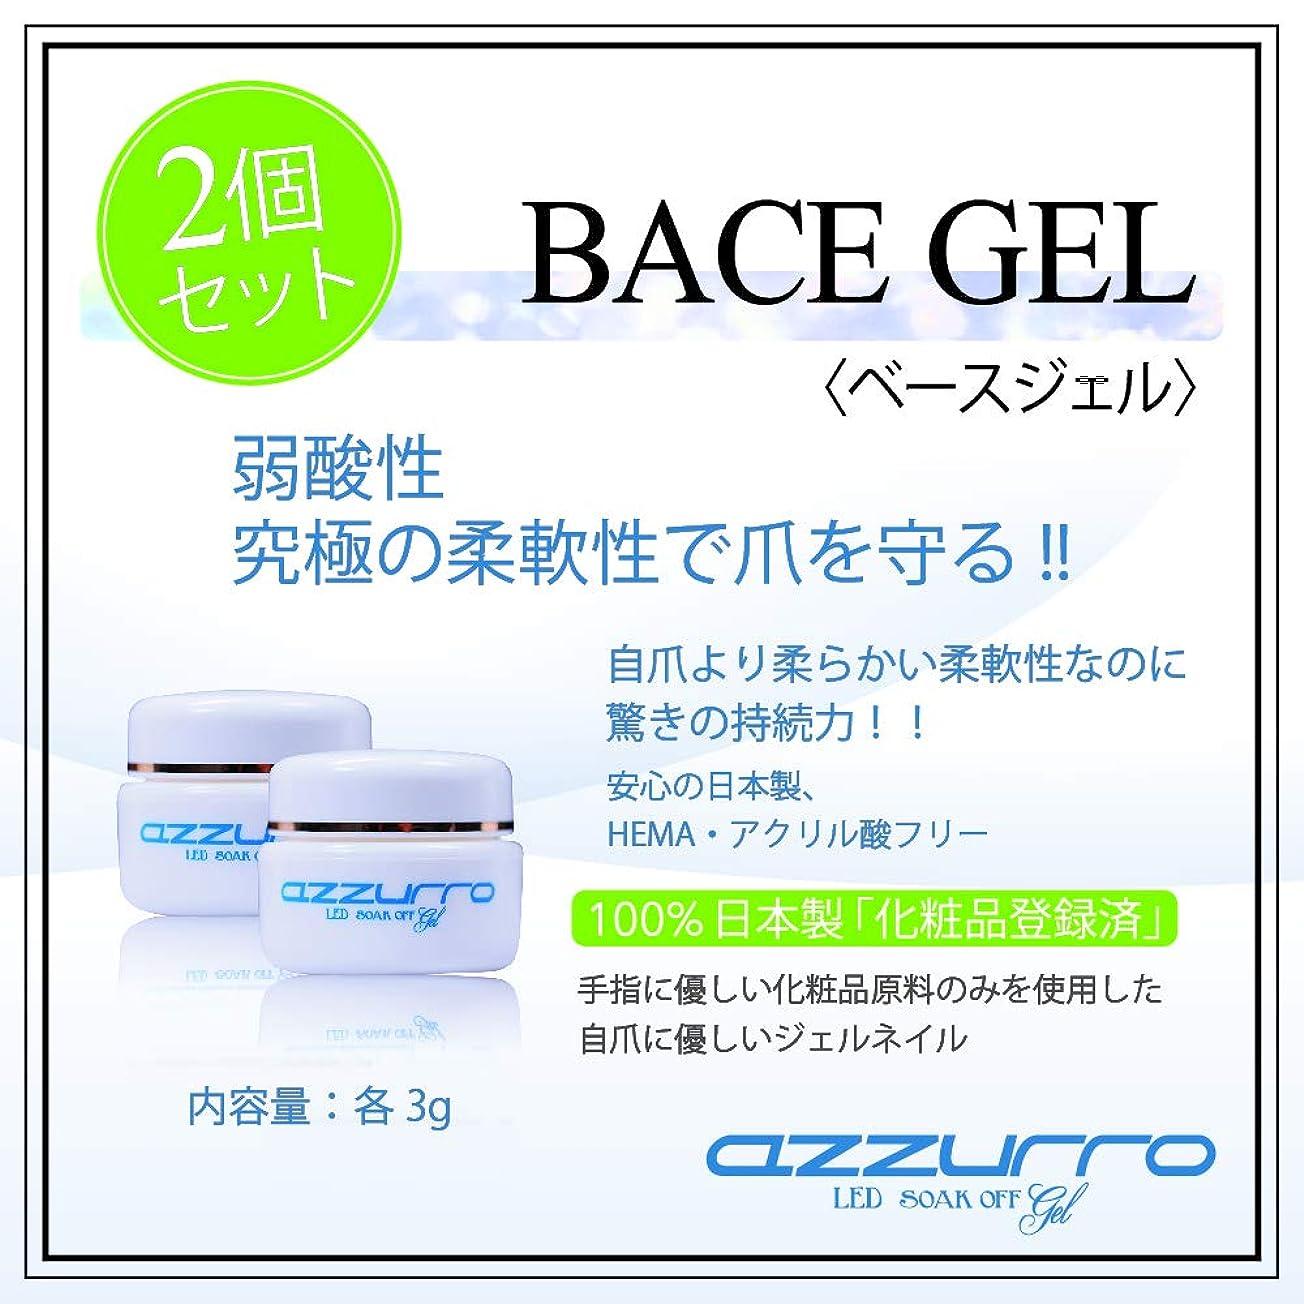 高い無視する所得azzurro gel アッズーロベースジェル お得な2個セット 爪に優しい 日本製 驚きの密着力 リムーバーでオフも簡単3g